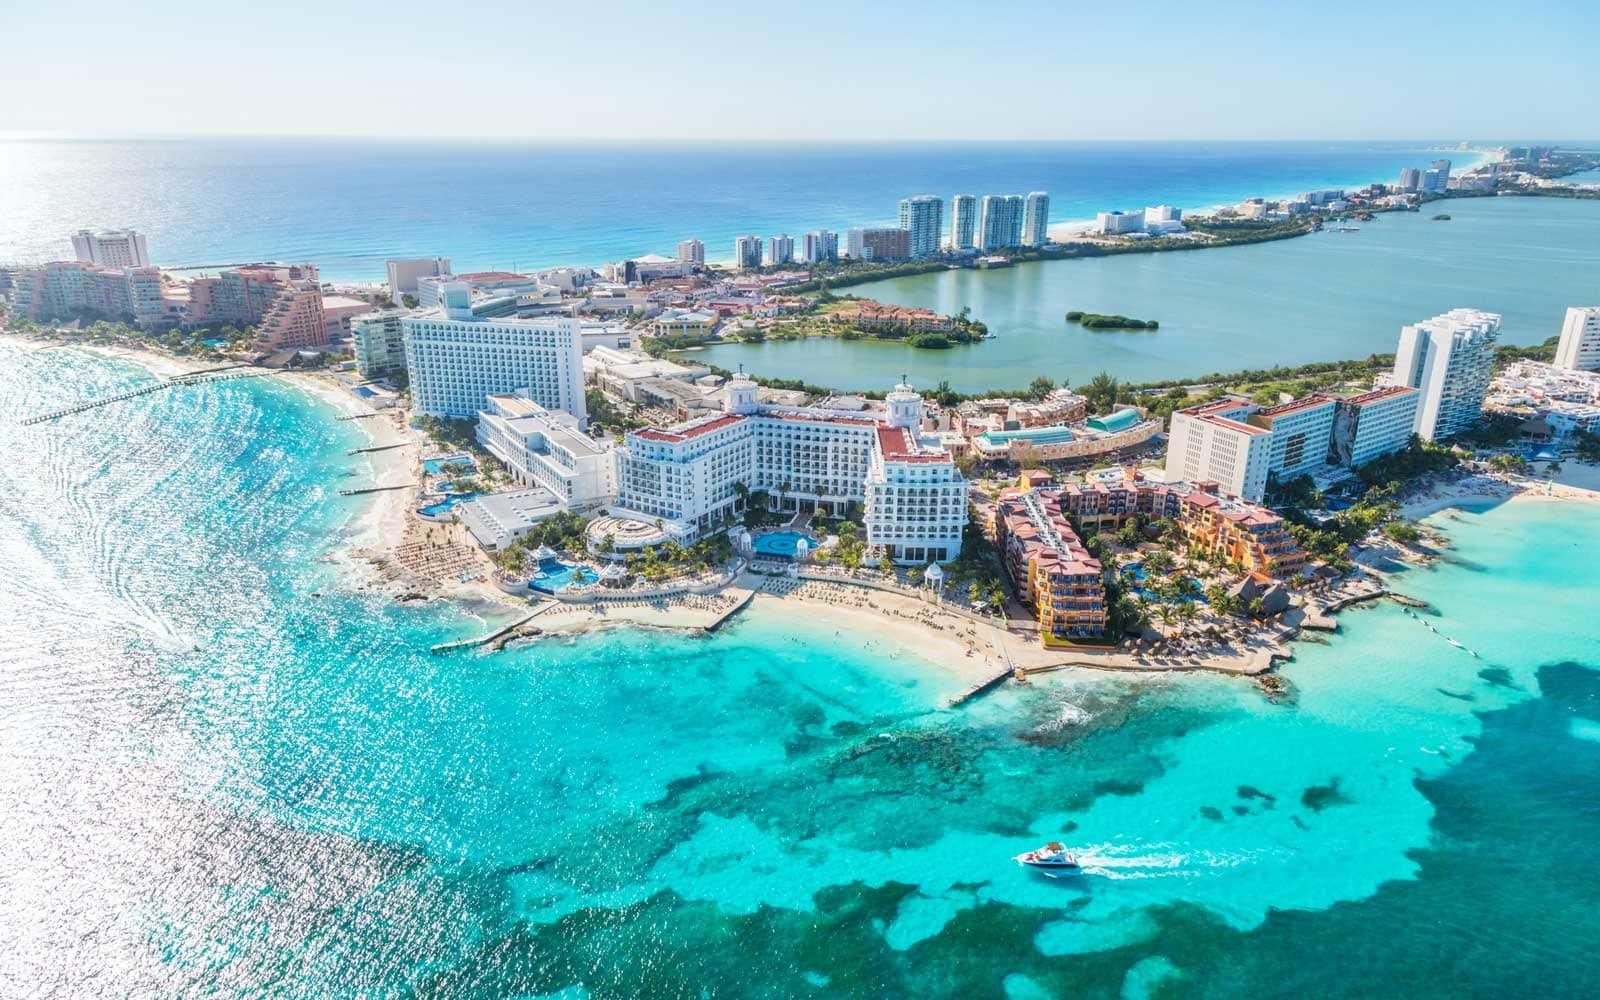 Zona Hoteleira em Cancún: Onde ficar em Cancún